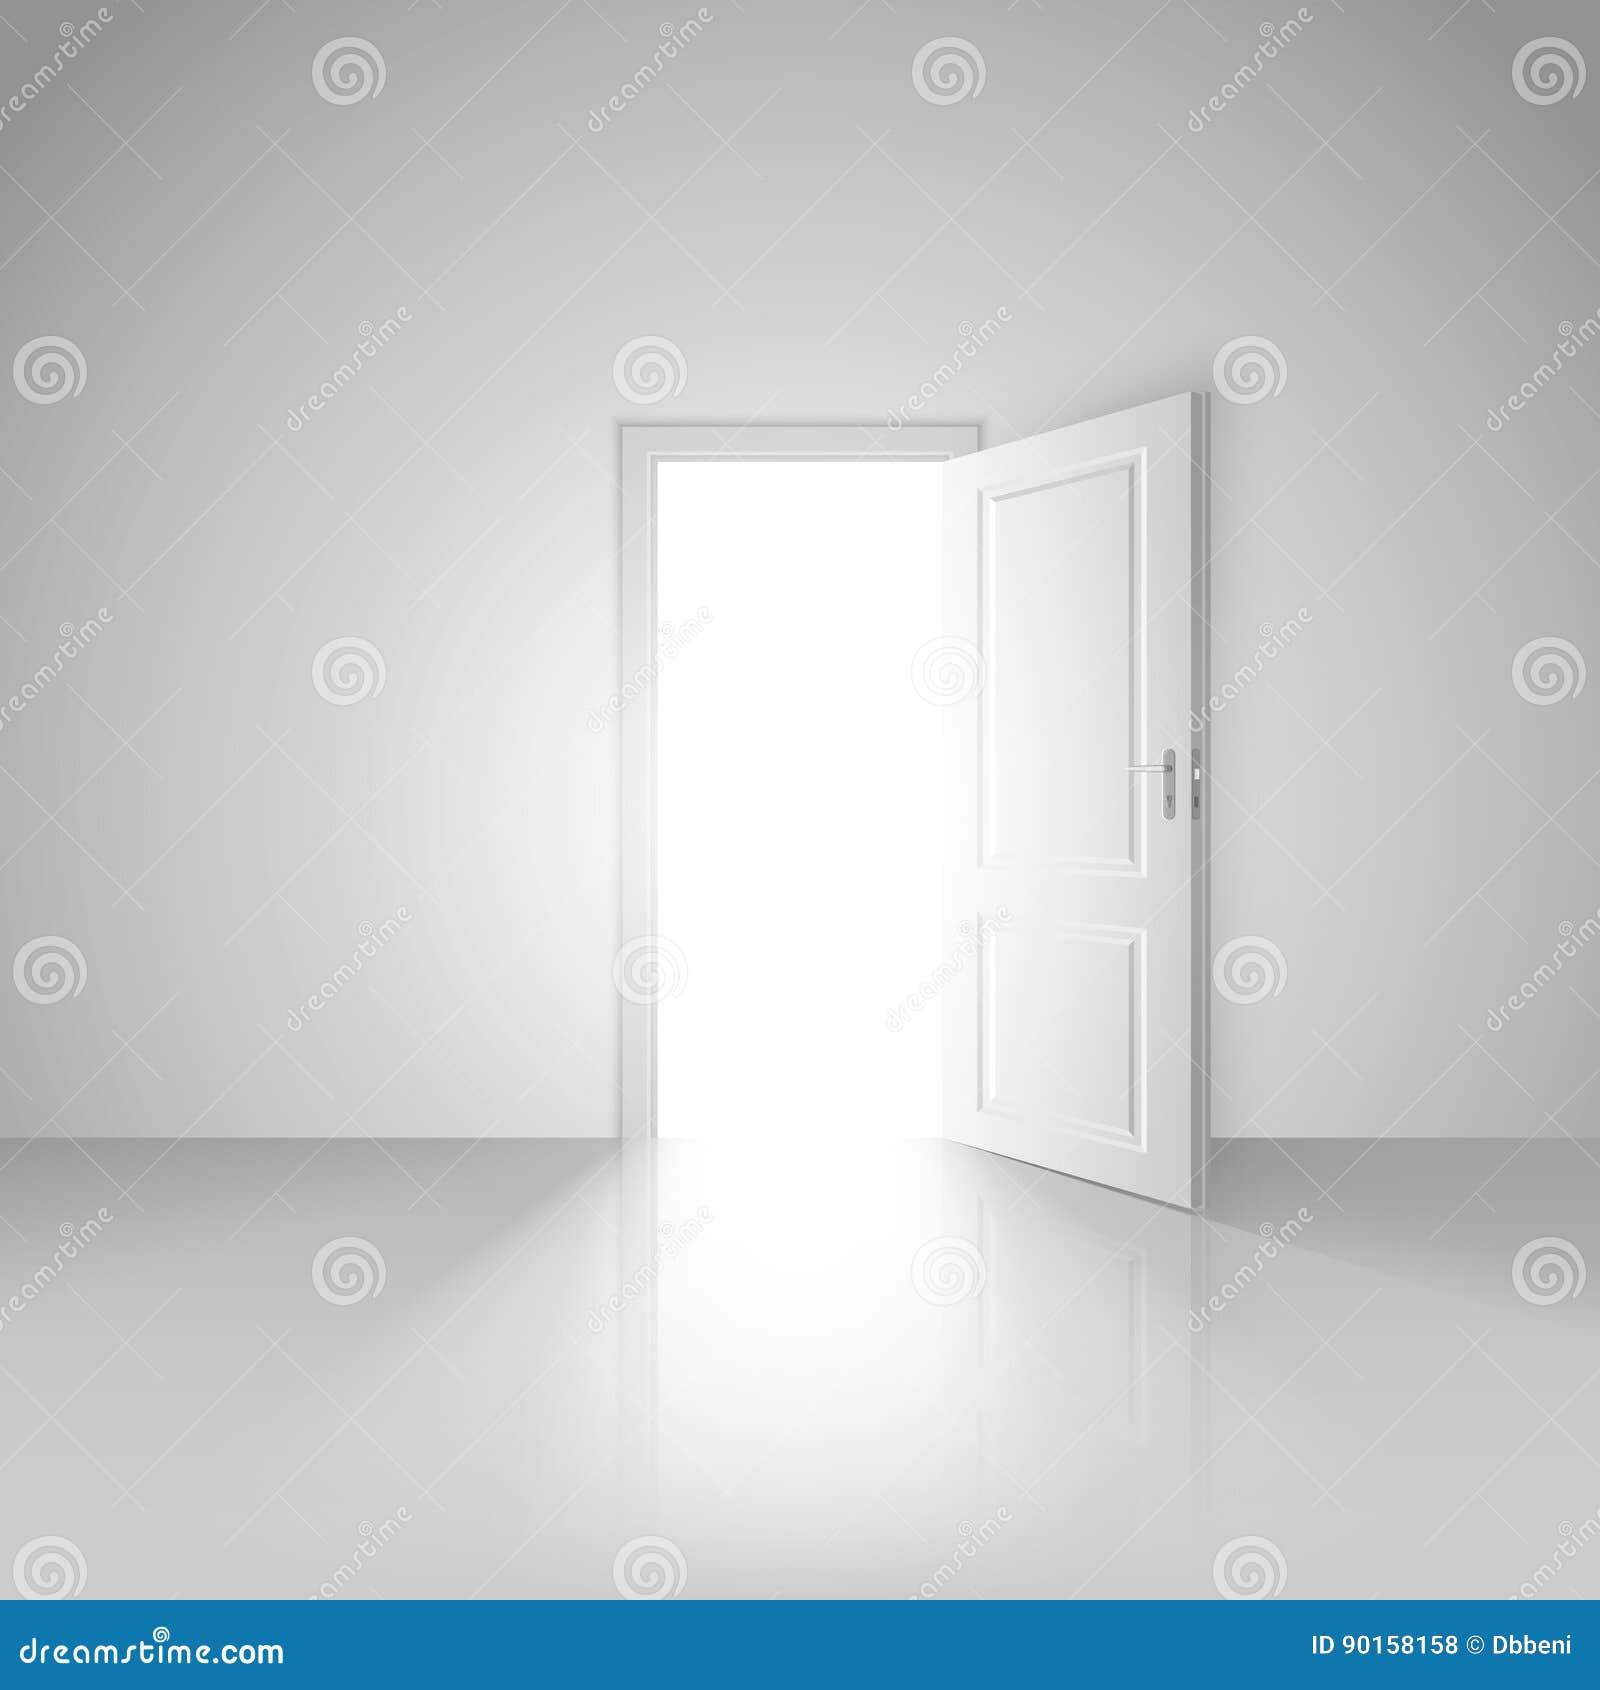 Chiara stanza bianca con la porta aperta al nuovo mondo